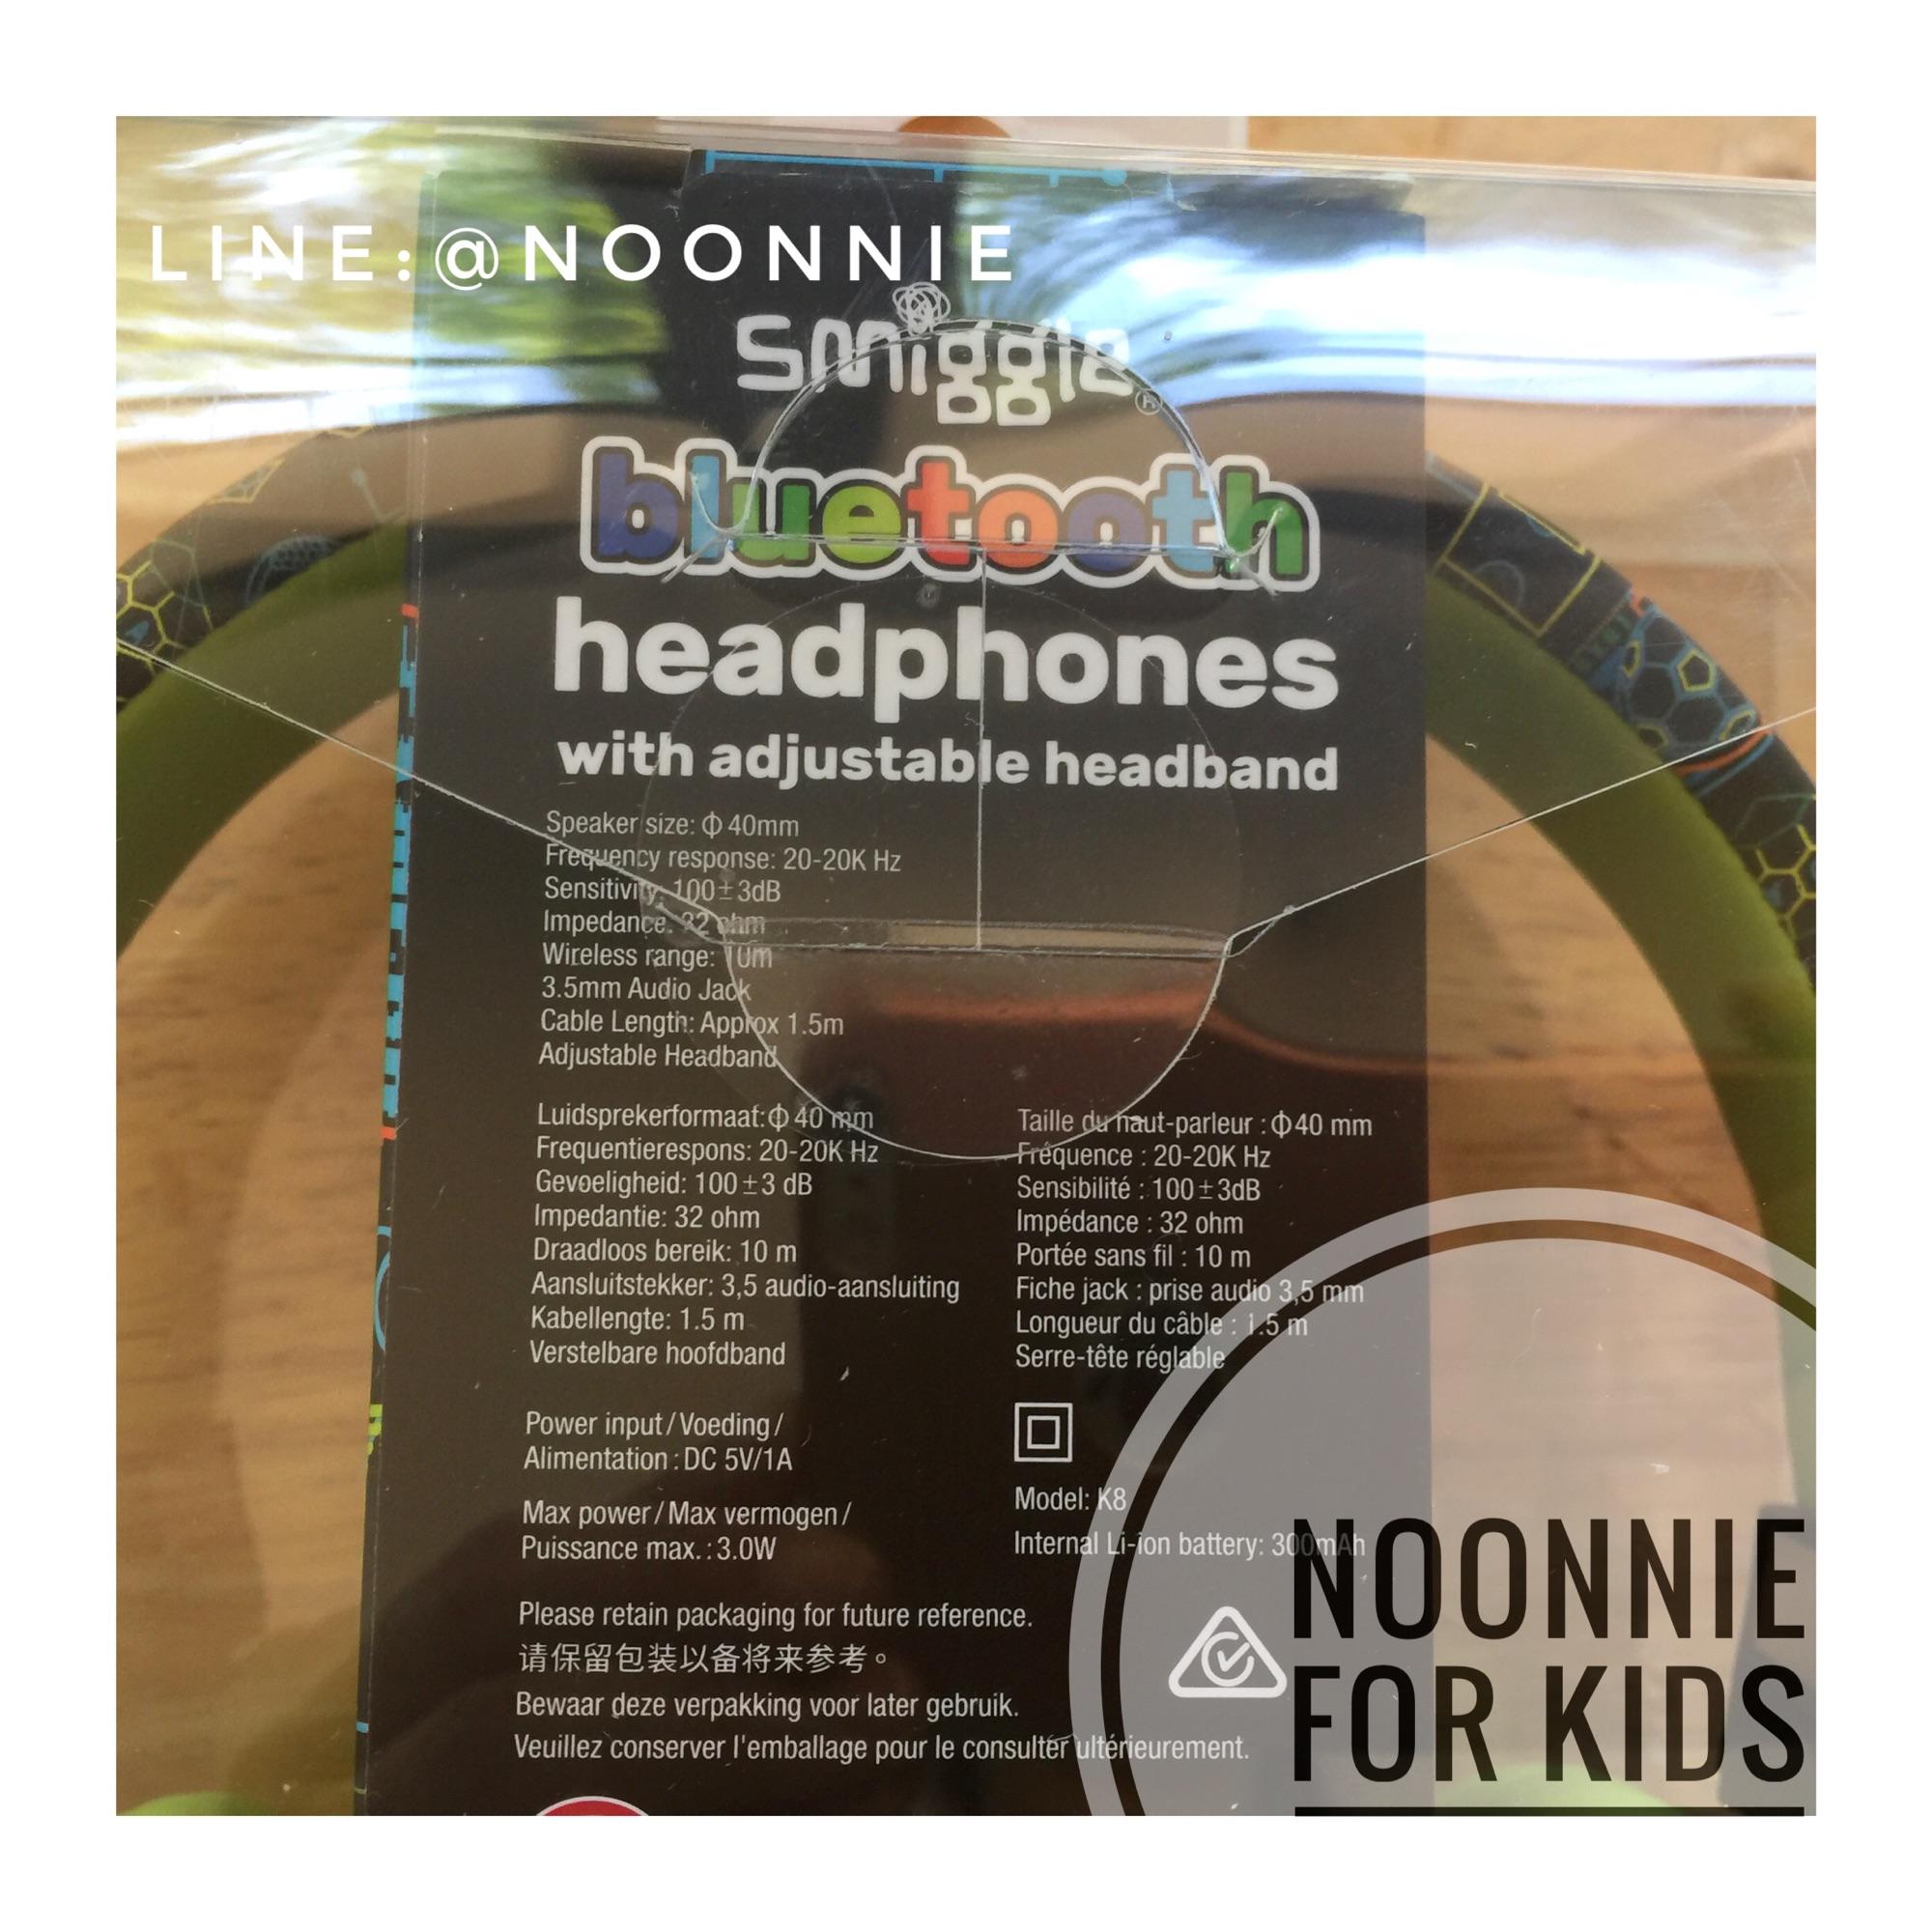 รีวิว หูฟังบลูทูธ พับได้ พร้อมไมค์ในตัว Smiggle Far Away On the Go Bluetooth Headphones แท้จากออสเตรเลีย